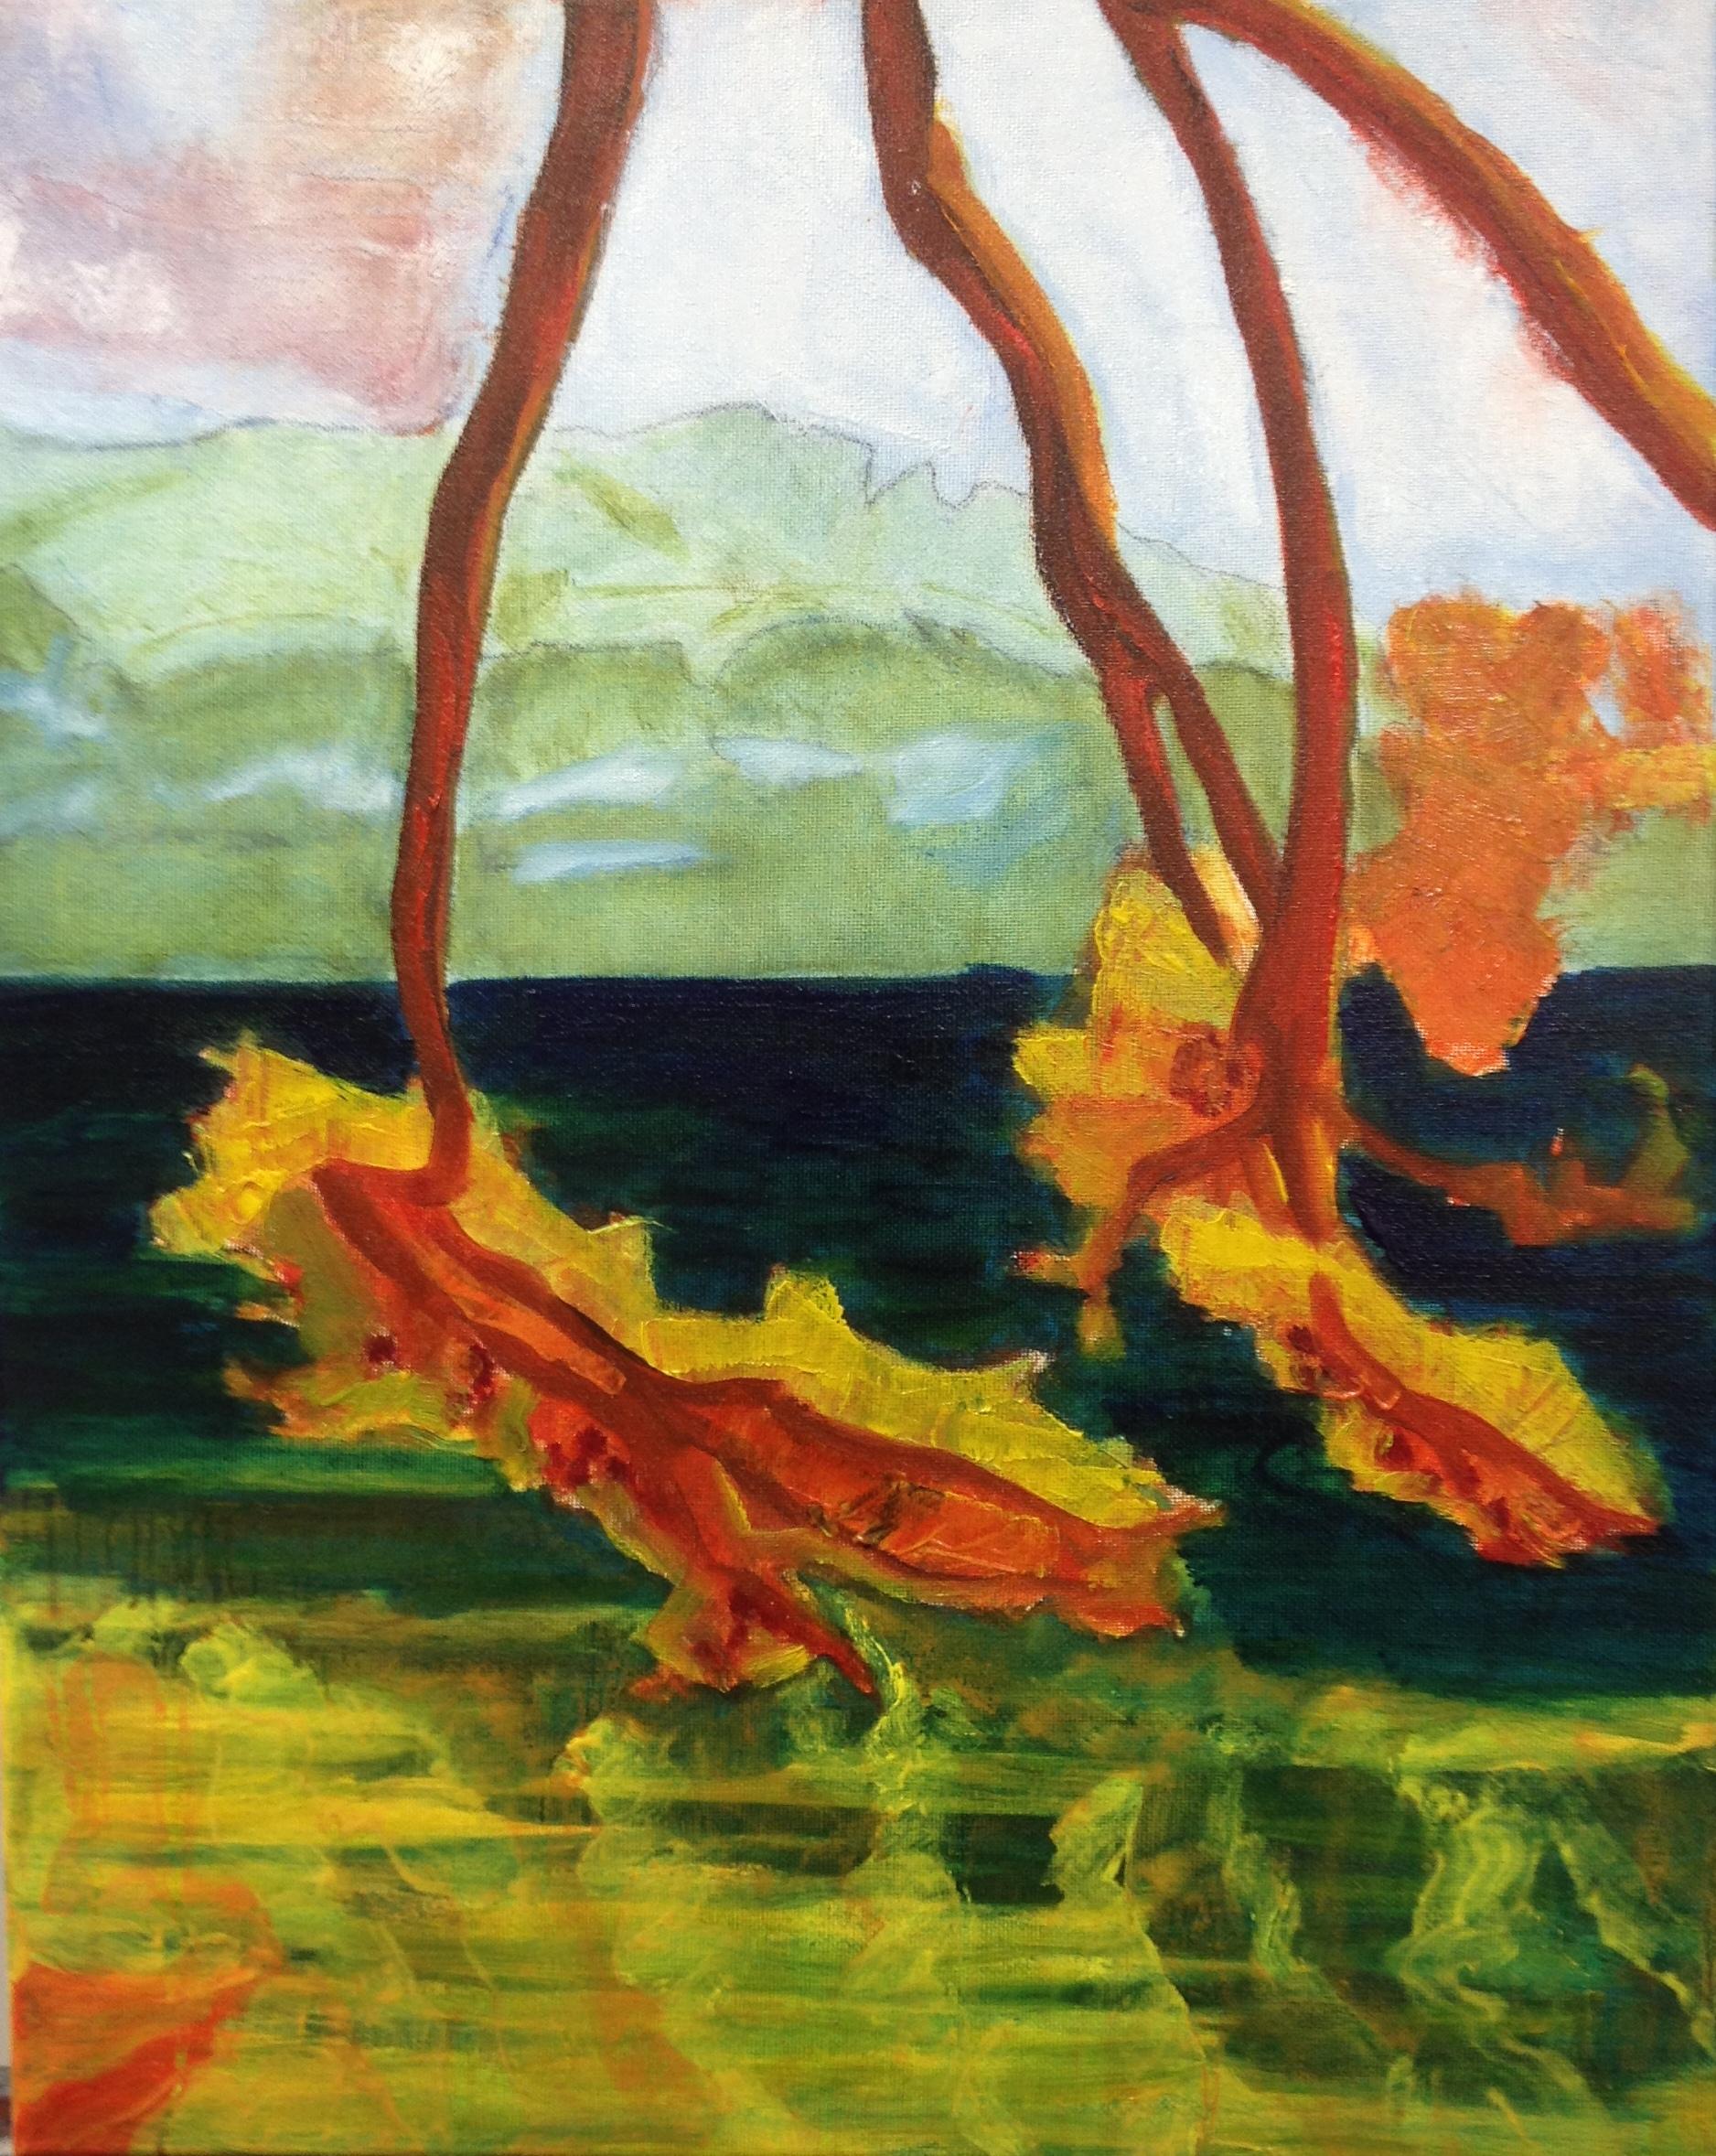 Towards the mainland II (2015), oil on canvas, 50.8cm x 40.6cm